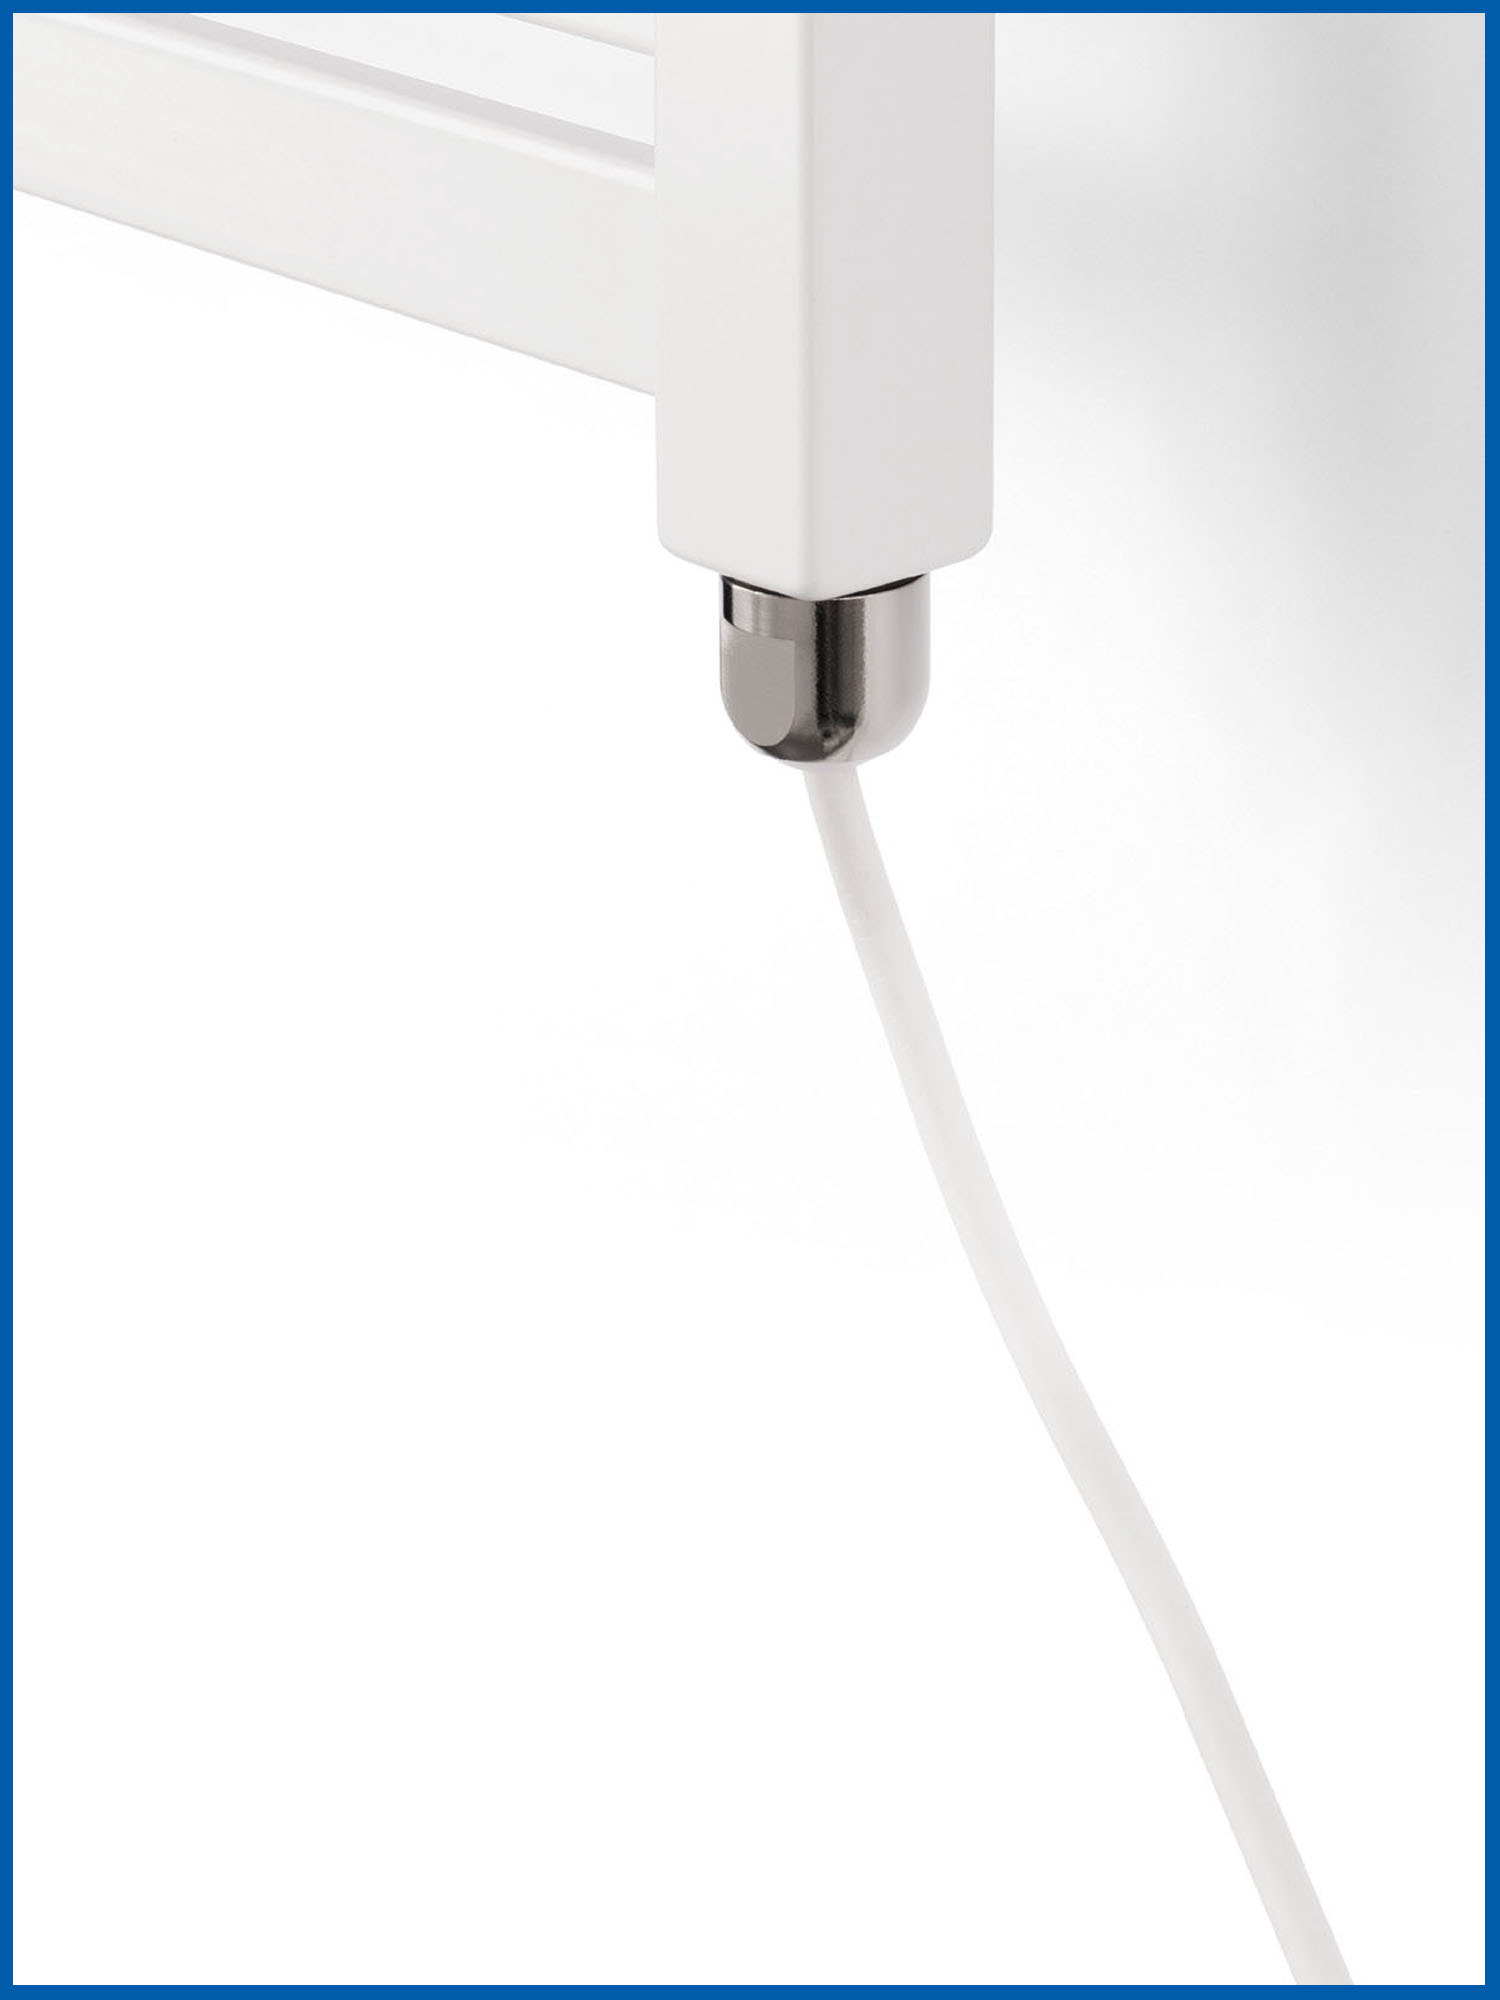 Made in Germany Dusche fast unsichtbare Sicherheit CANOSIGN Anti Rutsch Streifen - farblos hauchd/ünn 10 Stk Badewanne 70 cm x 2 cm